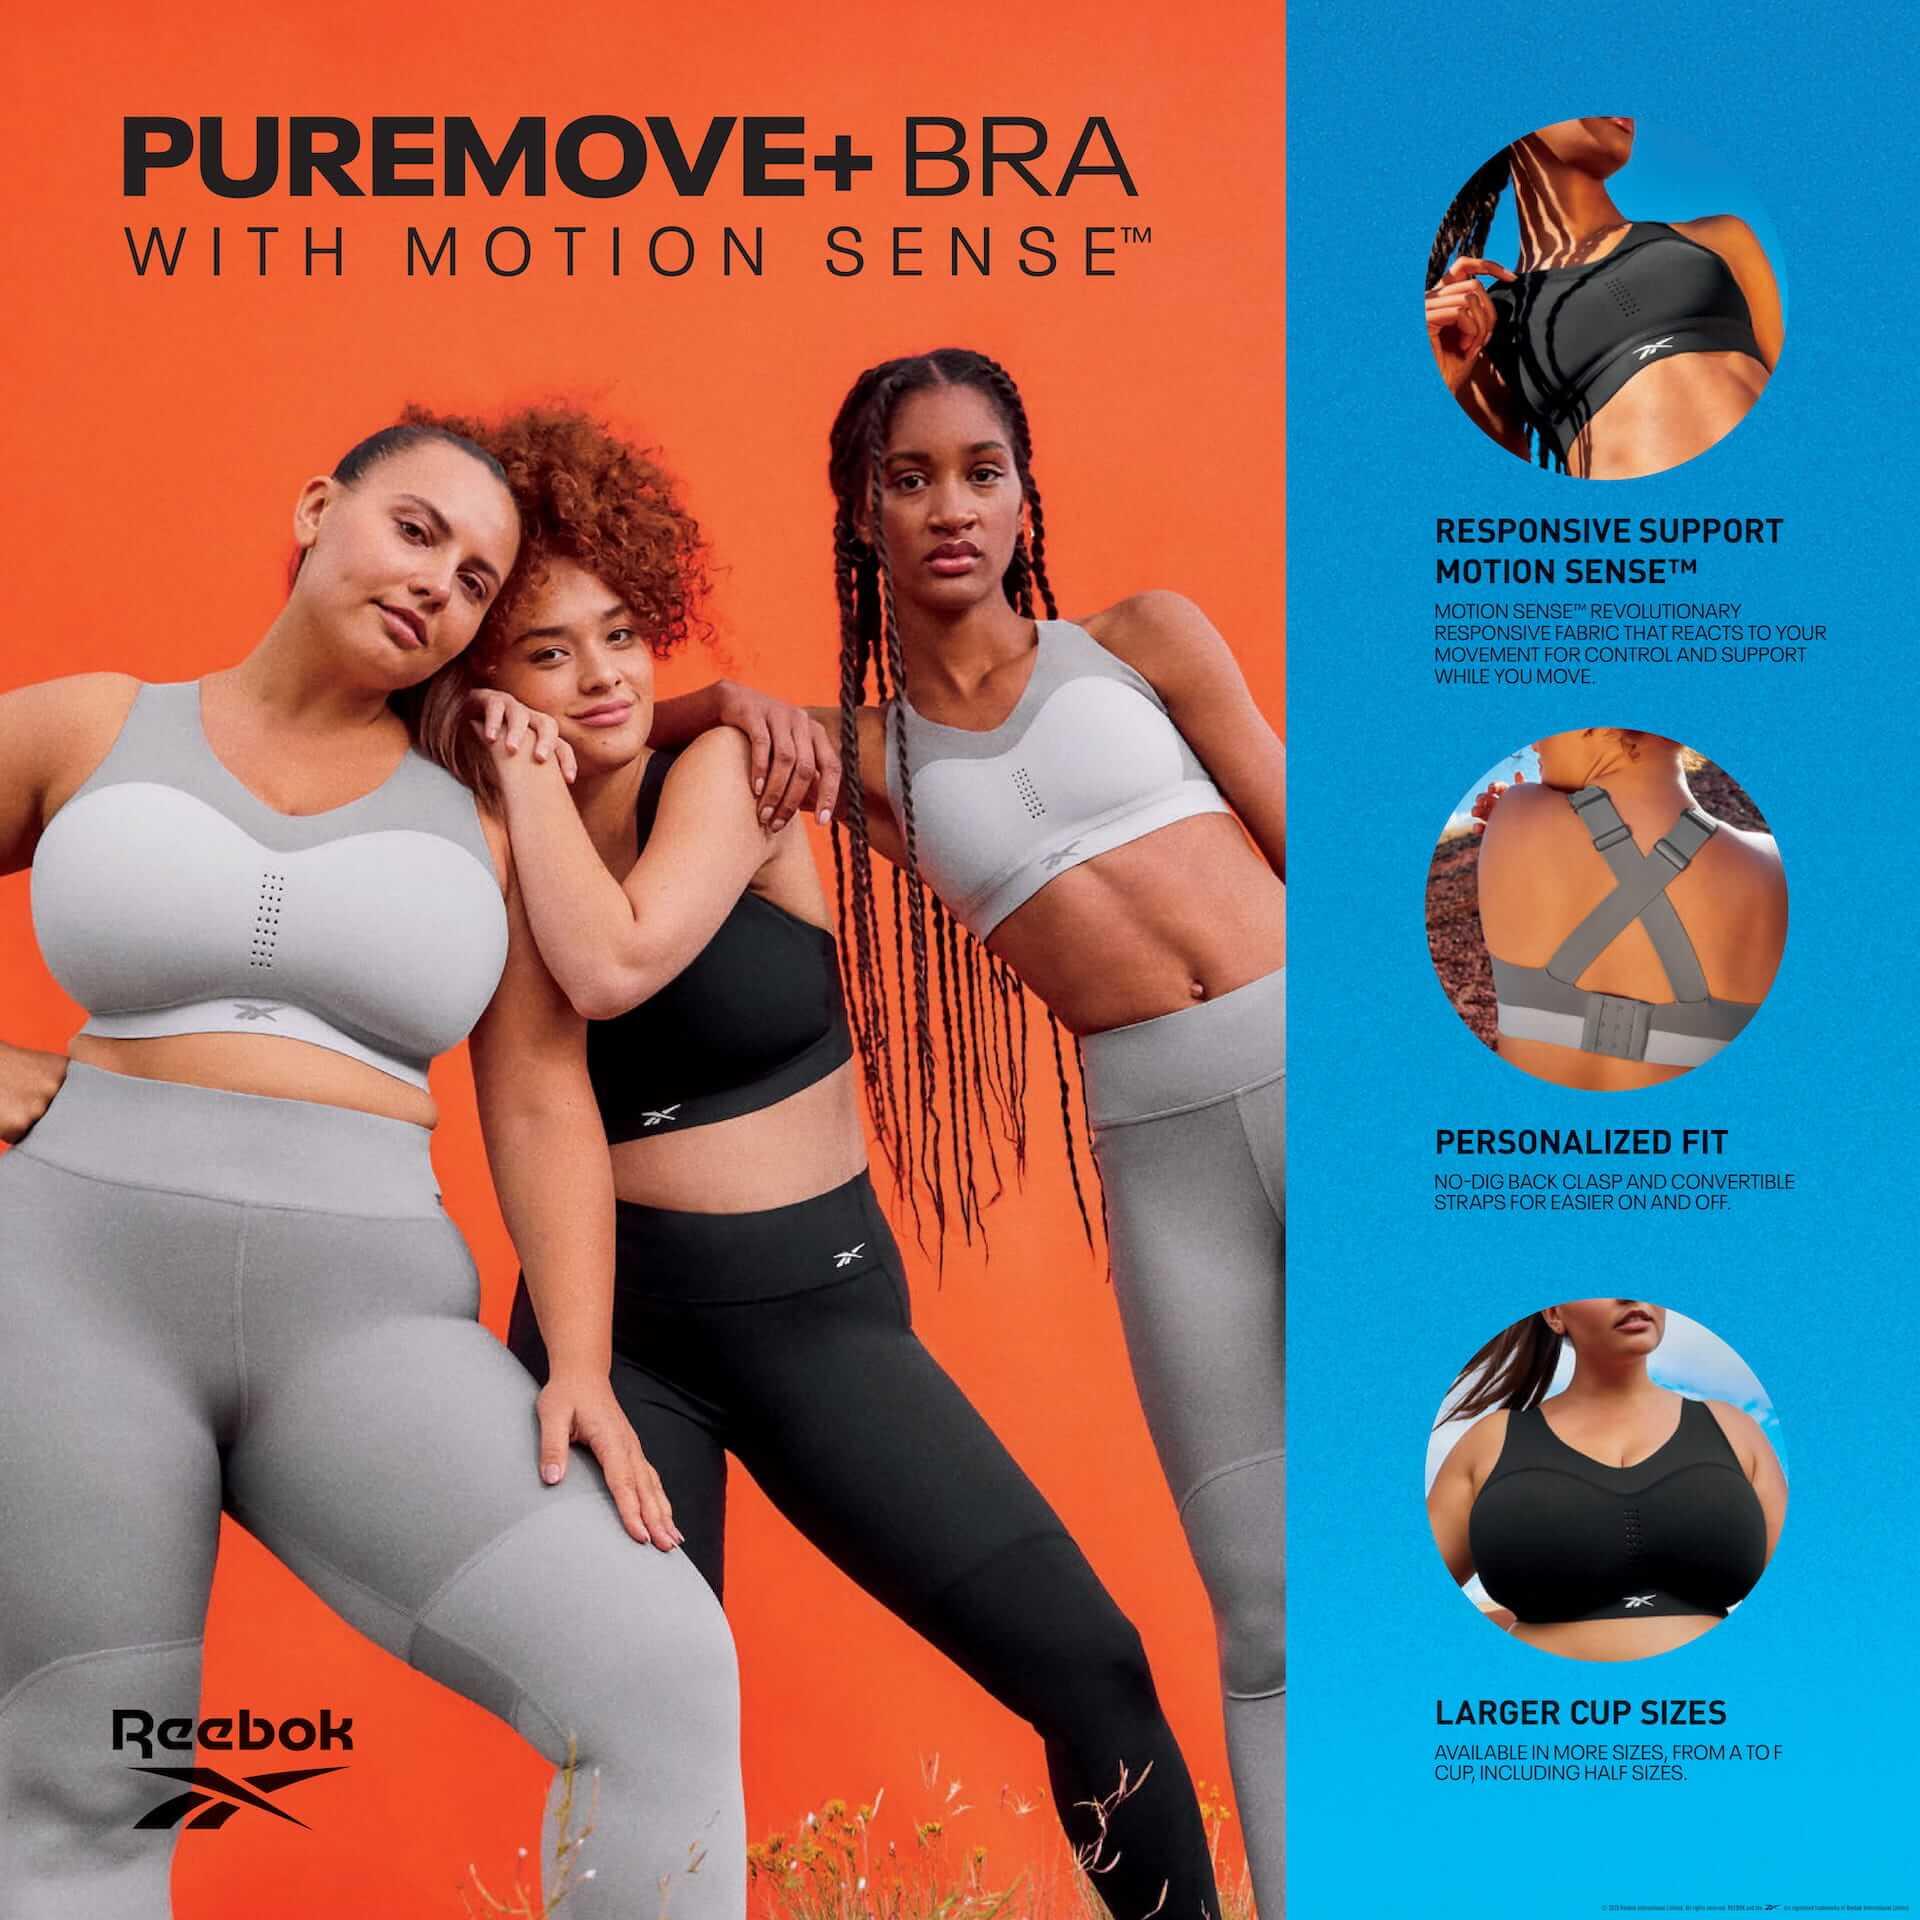 TIME誌ほか海外で賞を受賞したリーボック「PureMove Braシリーズ」新作ブラ・タイツでおうちトレーニングを楽しもう! lf200511_reebok_puremove_01